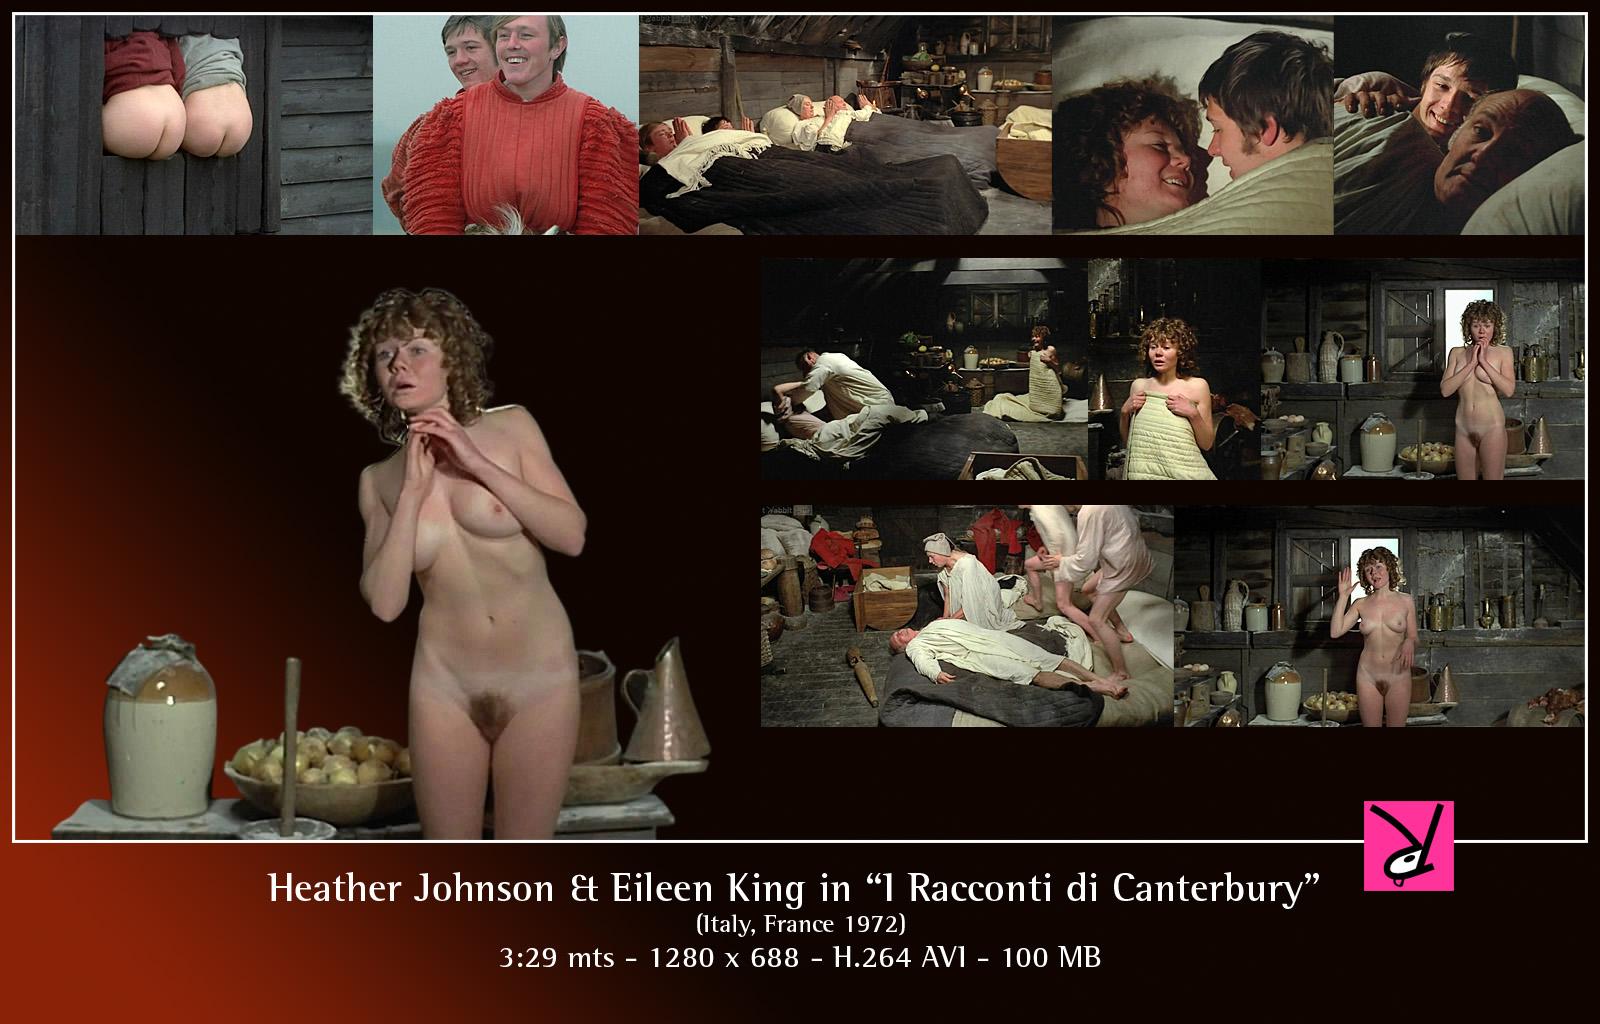 I Racconti di Canterbury 3 porn movie clips, xxx teen